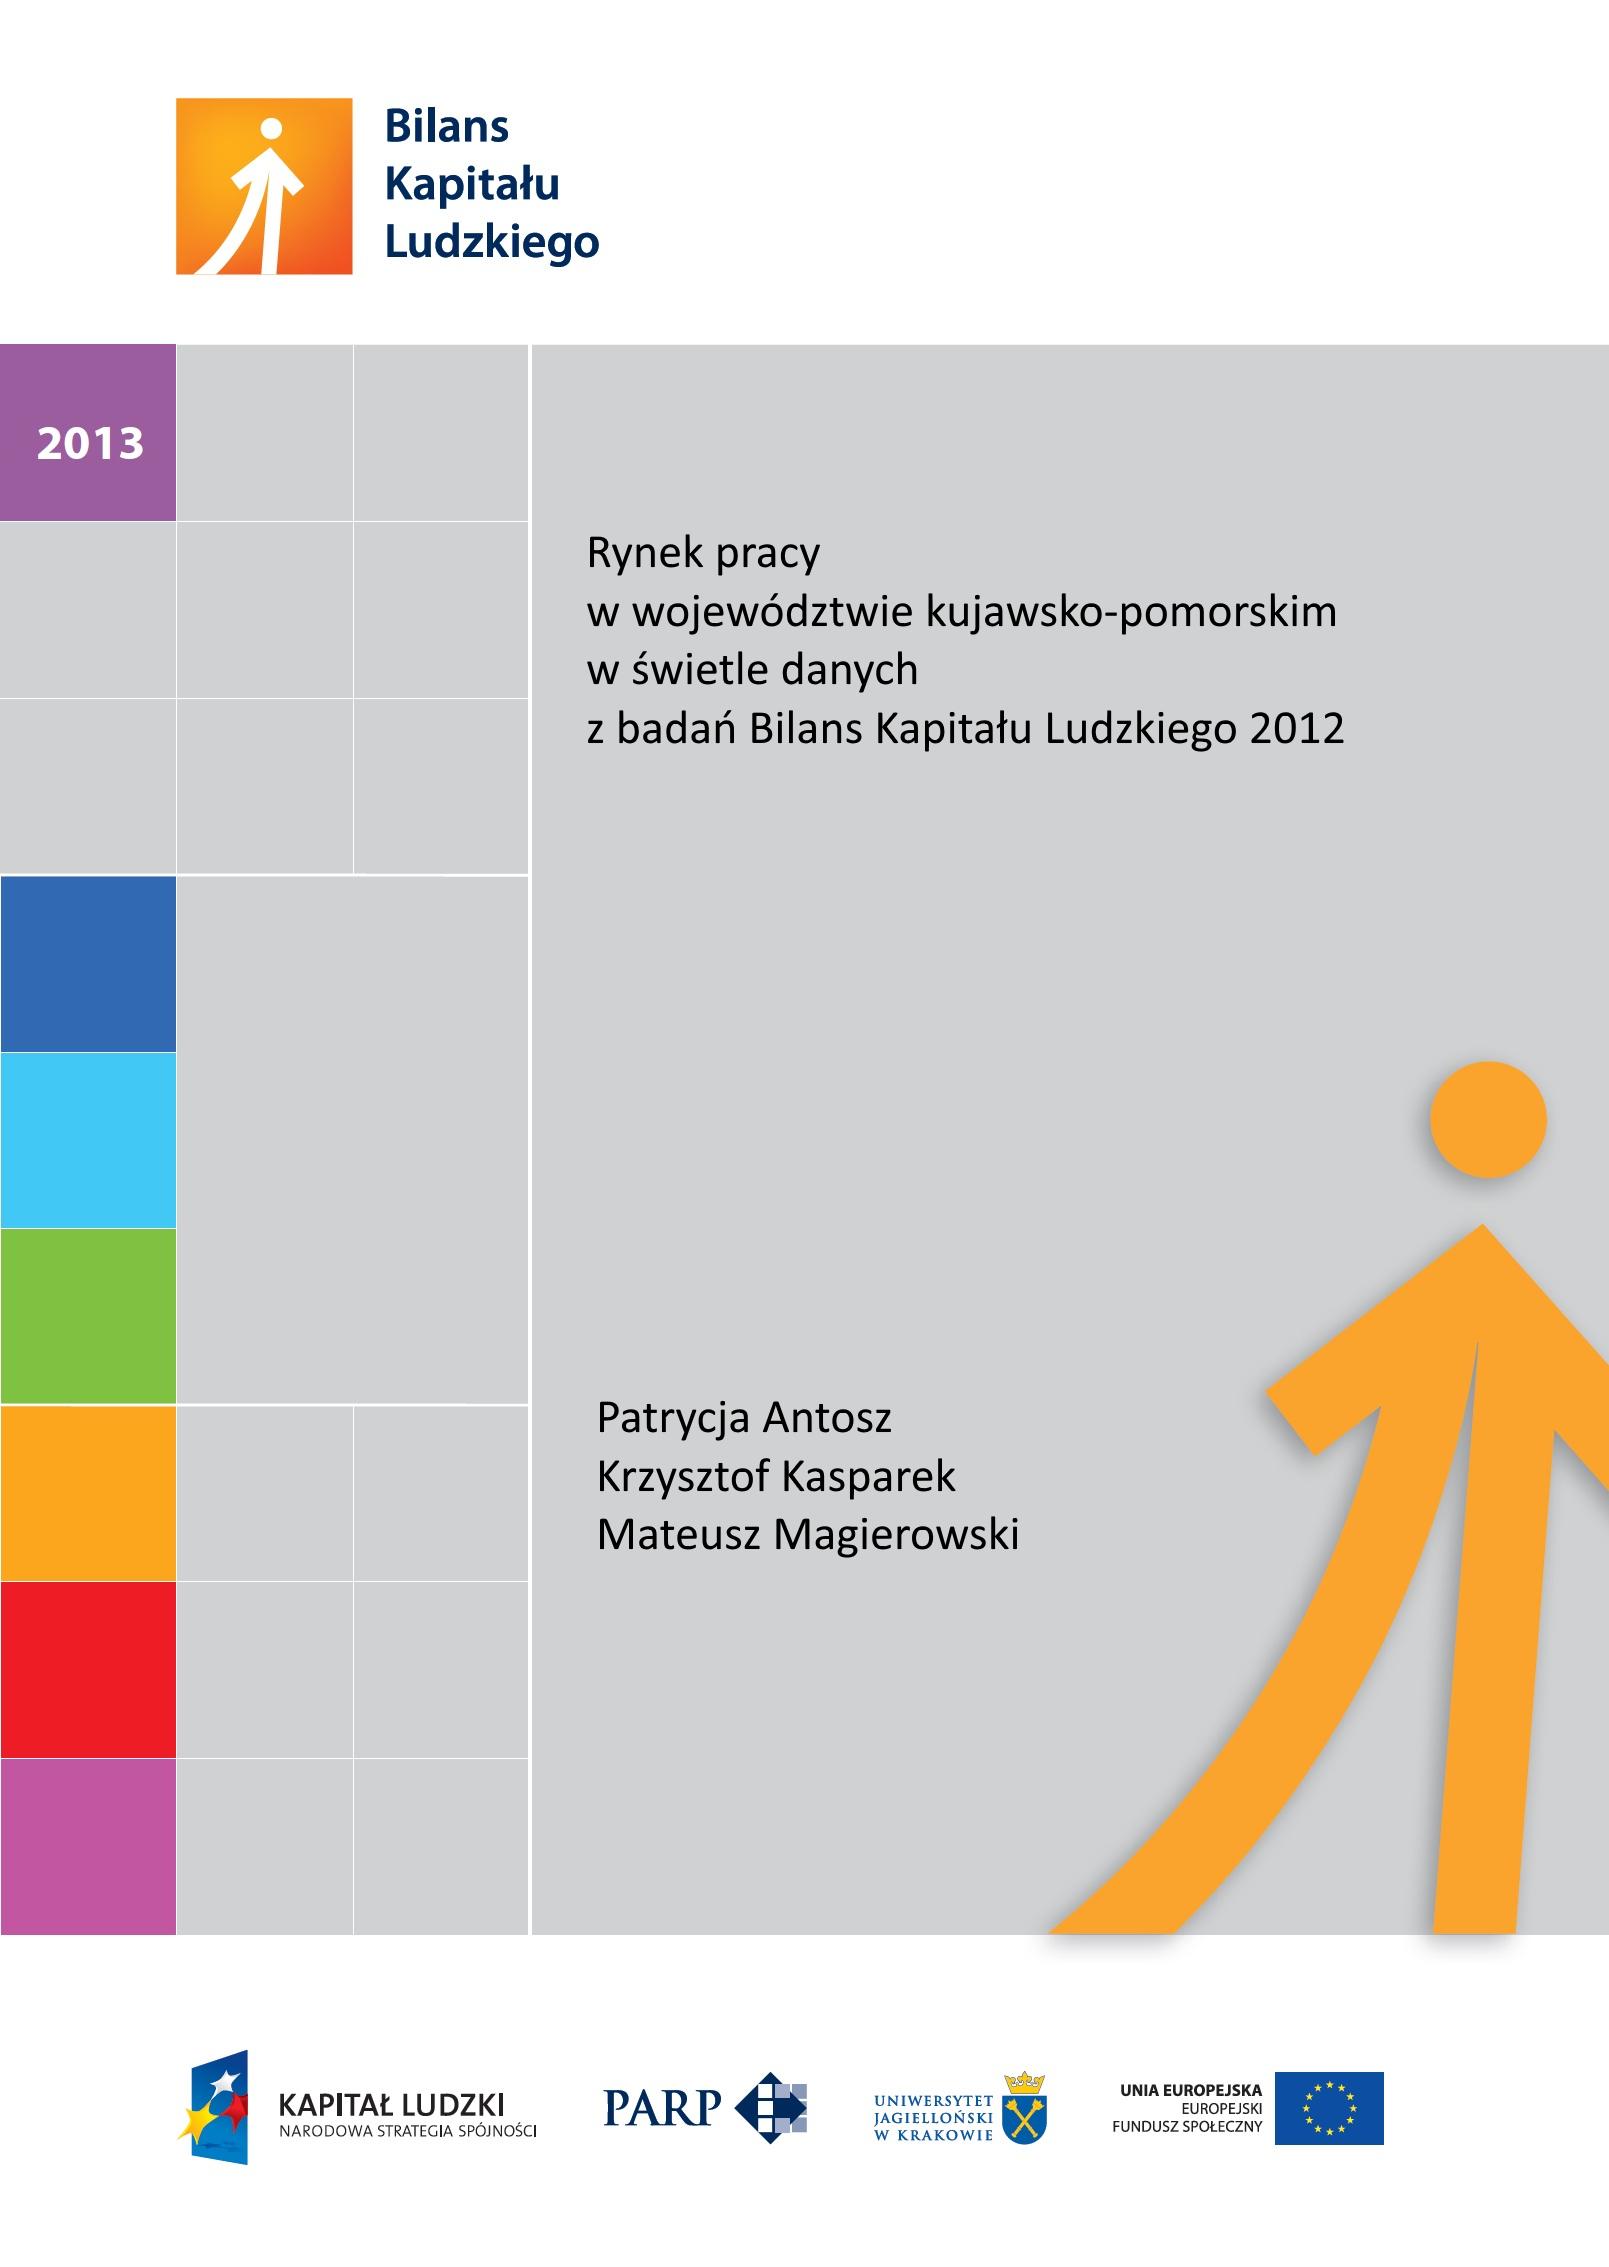 Rynek pracy w województwie kujawsko-pomorskim